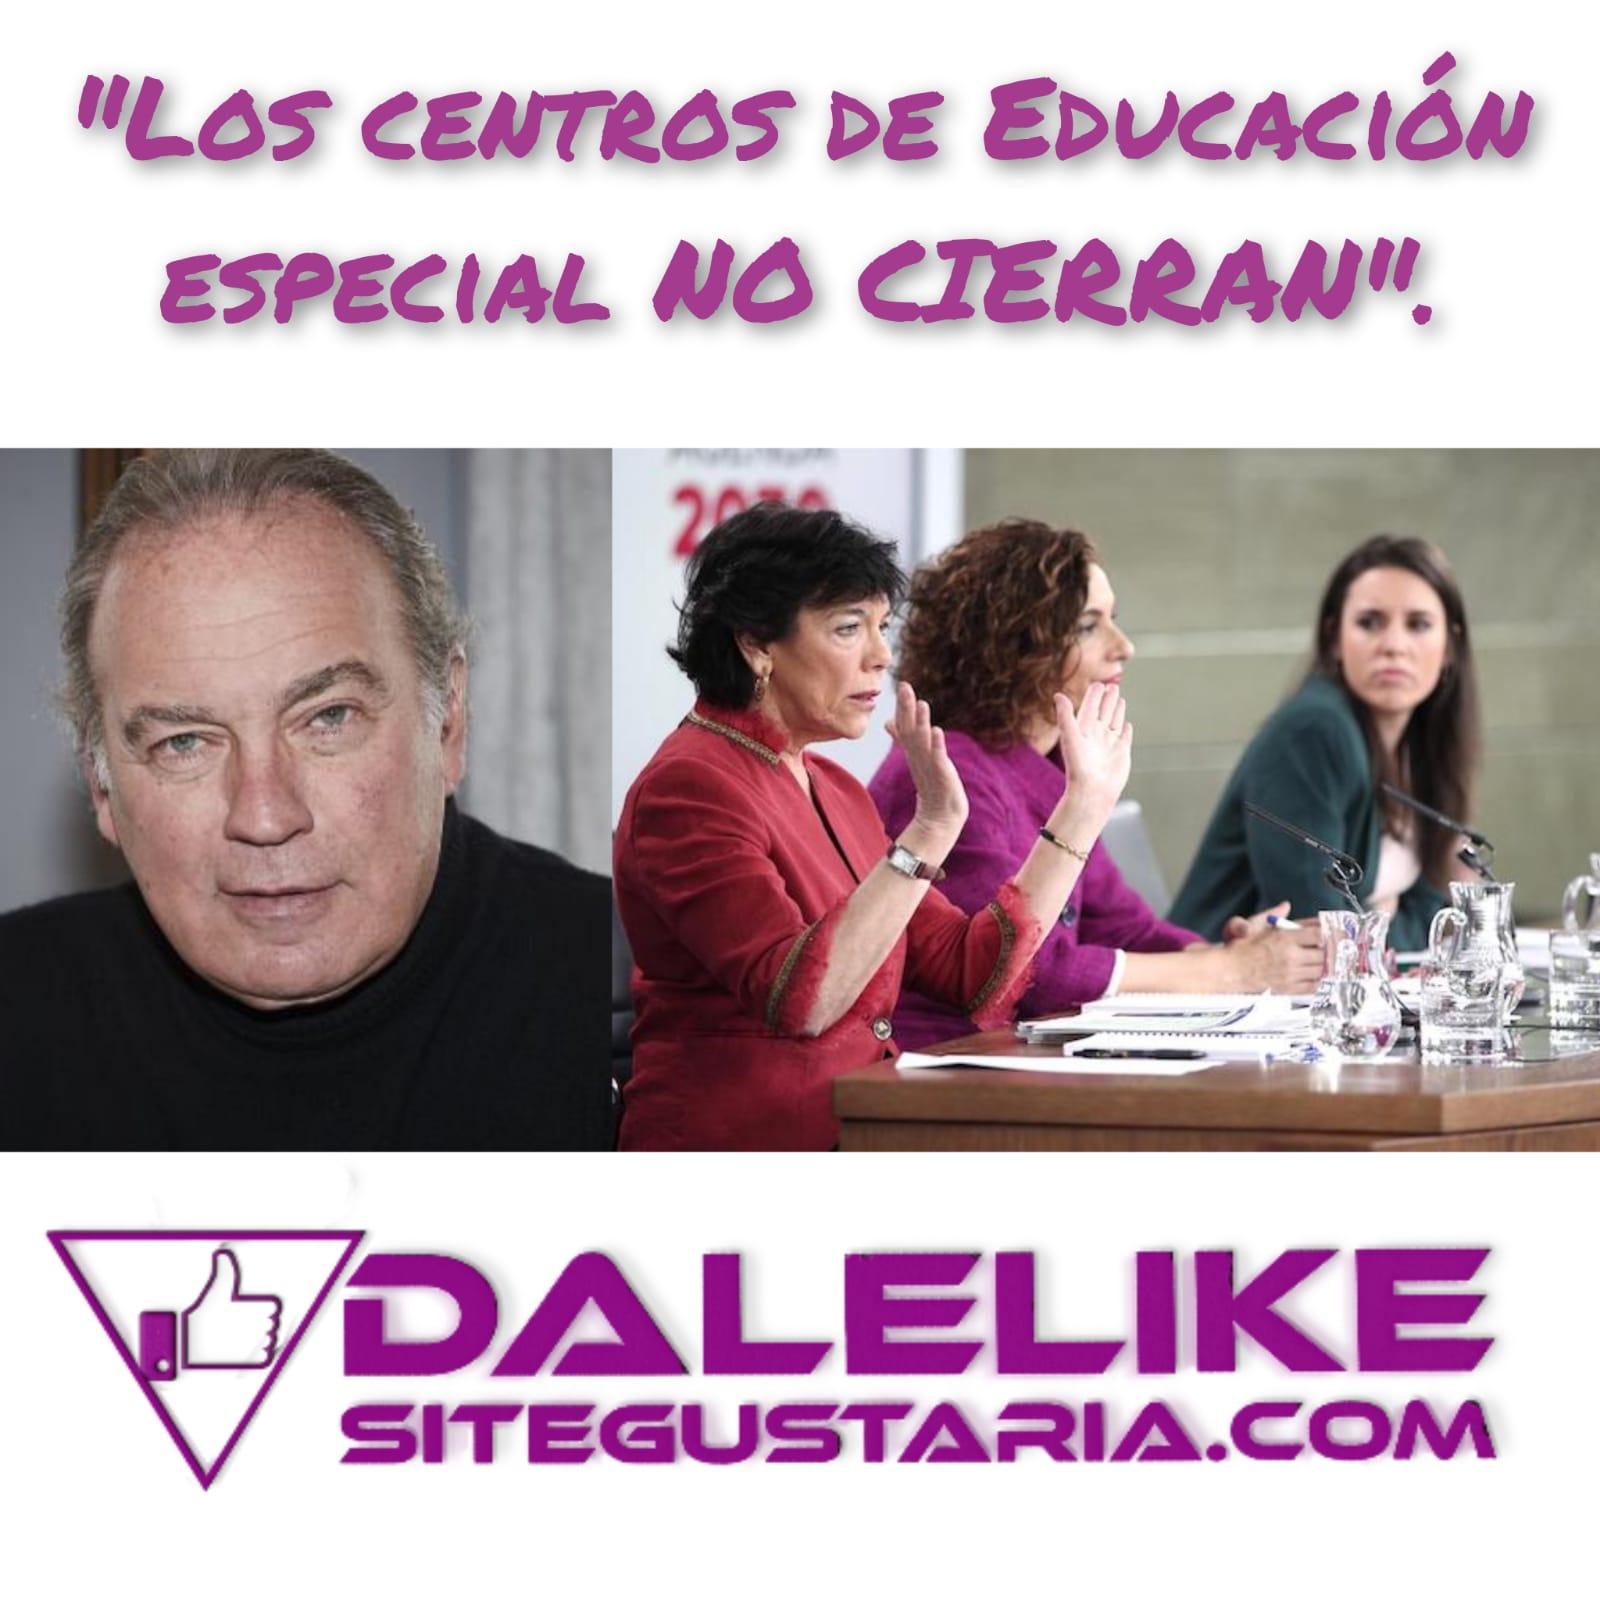 Bertín Osborne miente en un video en el que afirma que los centros de educación especial cerrarán con la Ley Celaá.